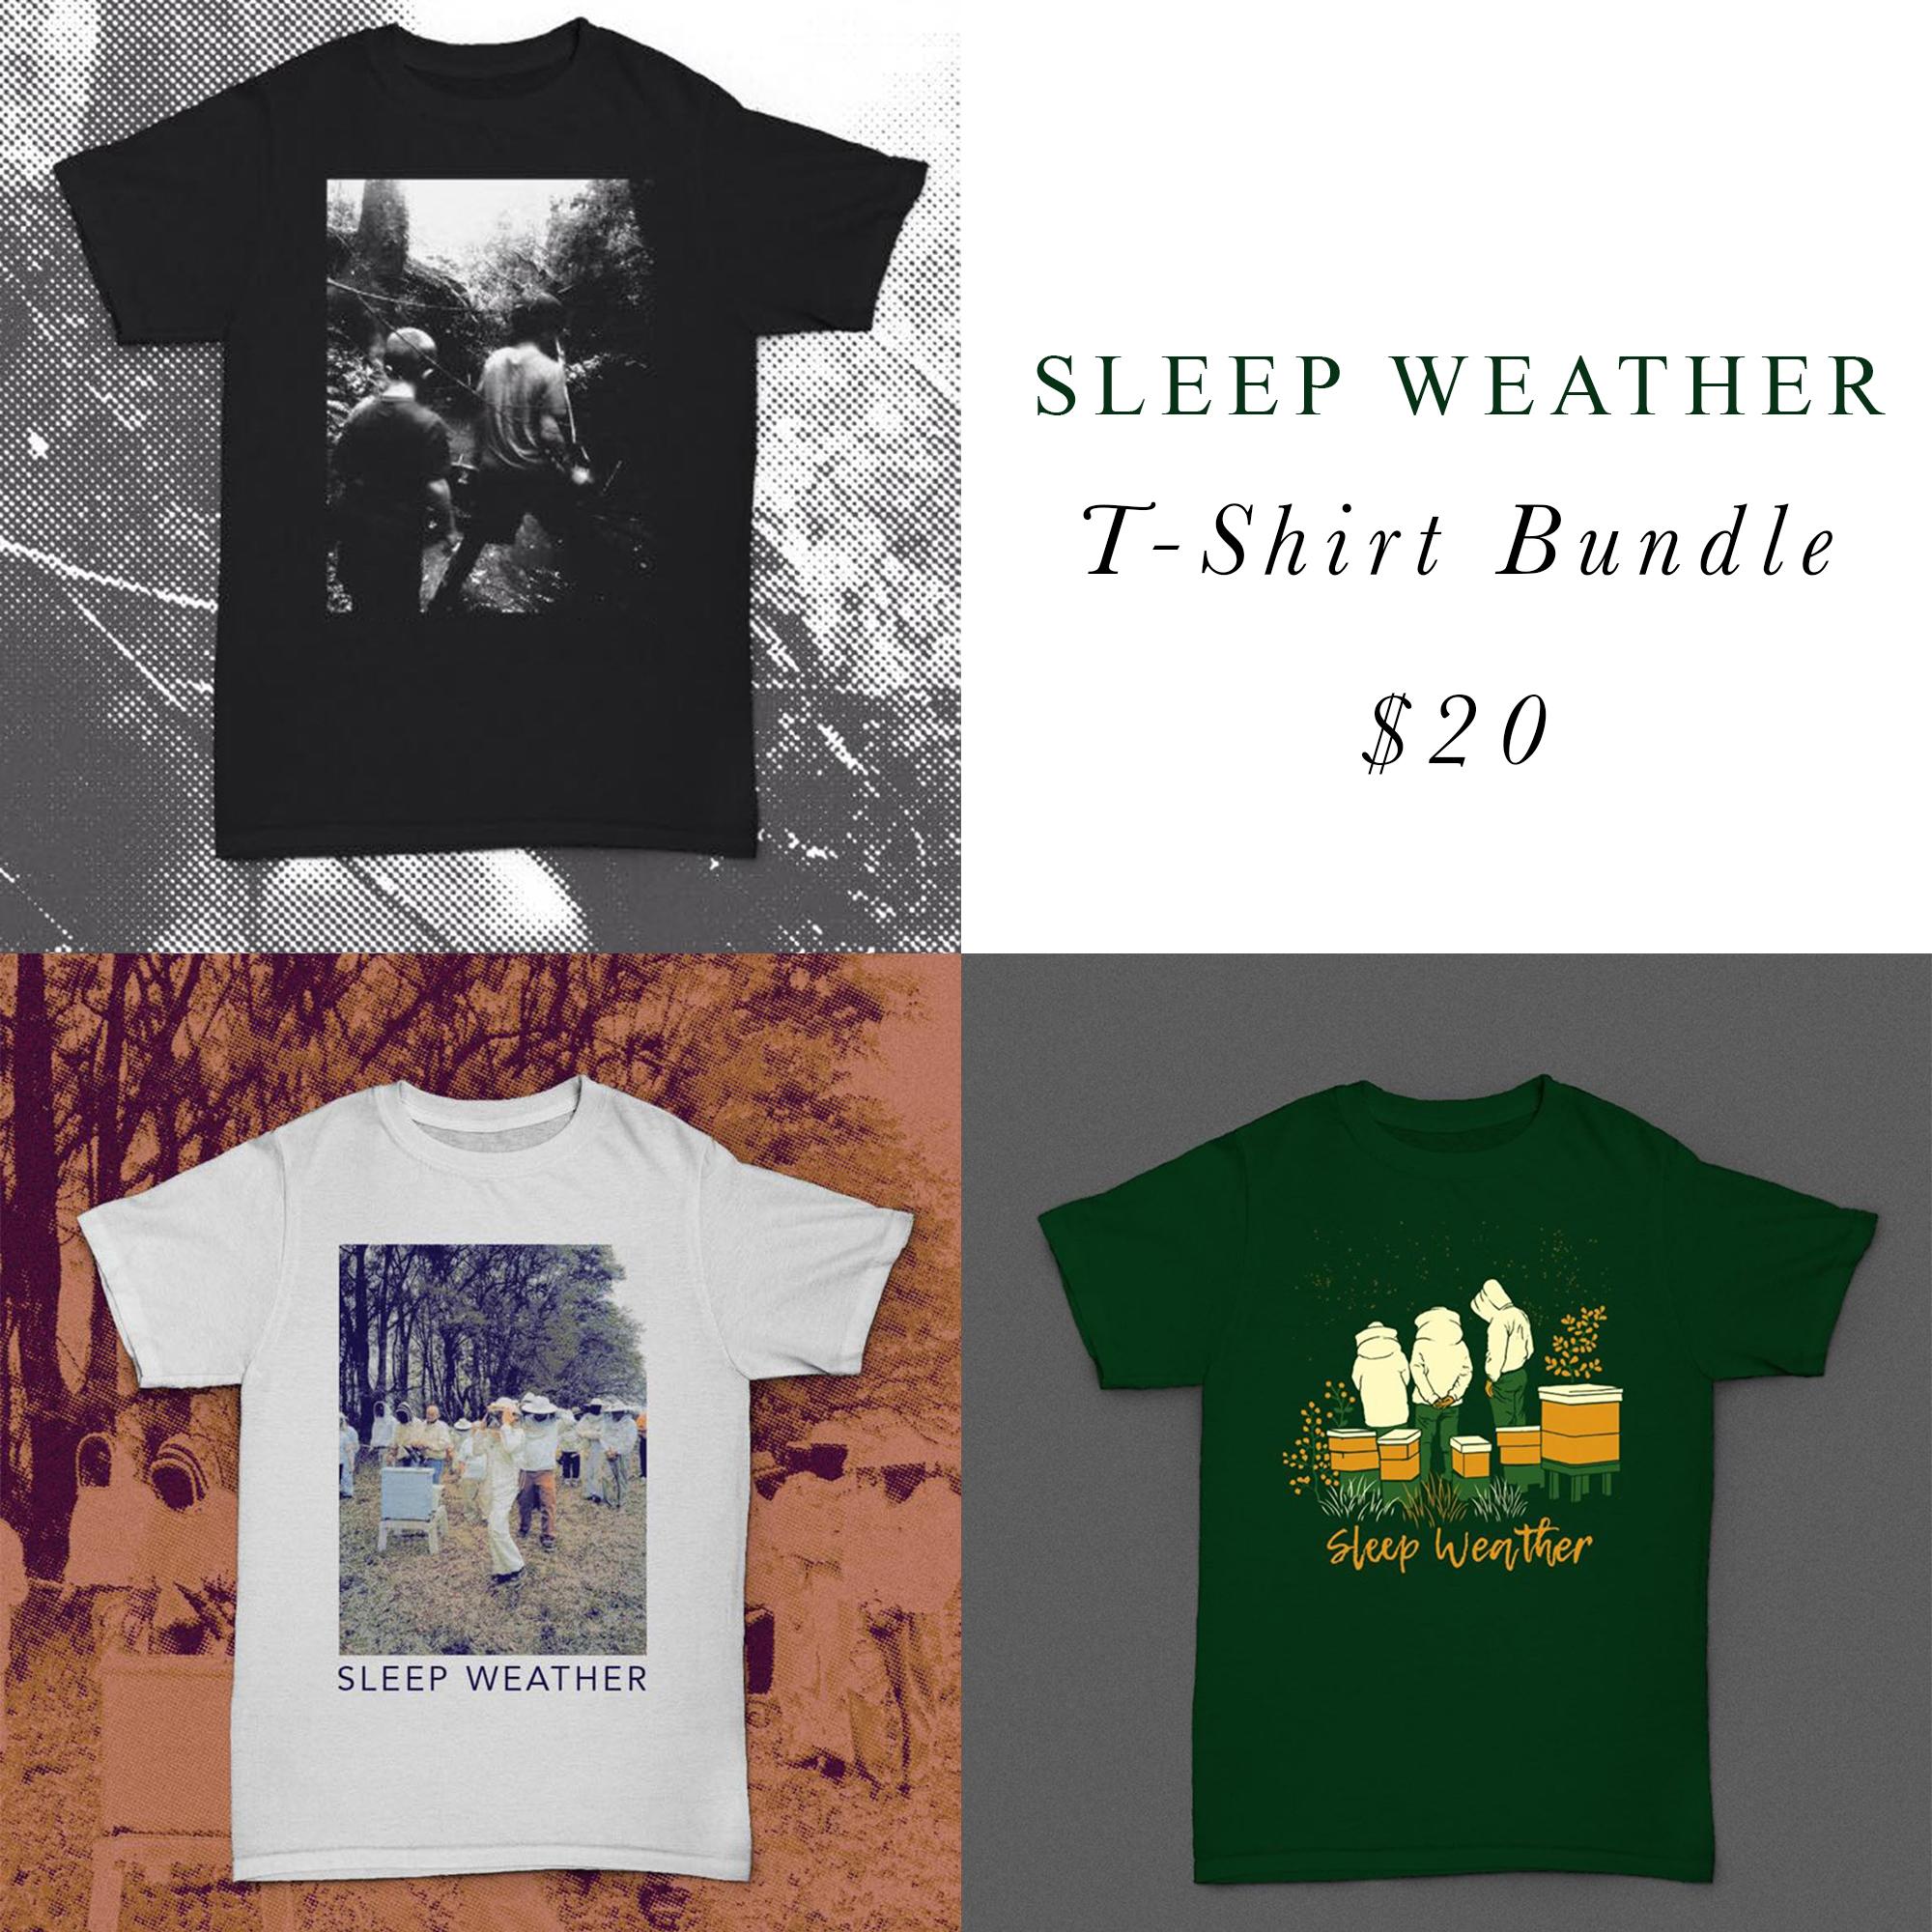 Sleep Weather shirt bundle